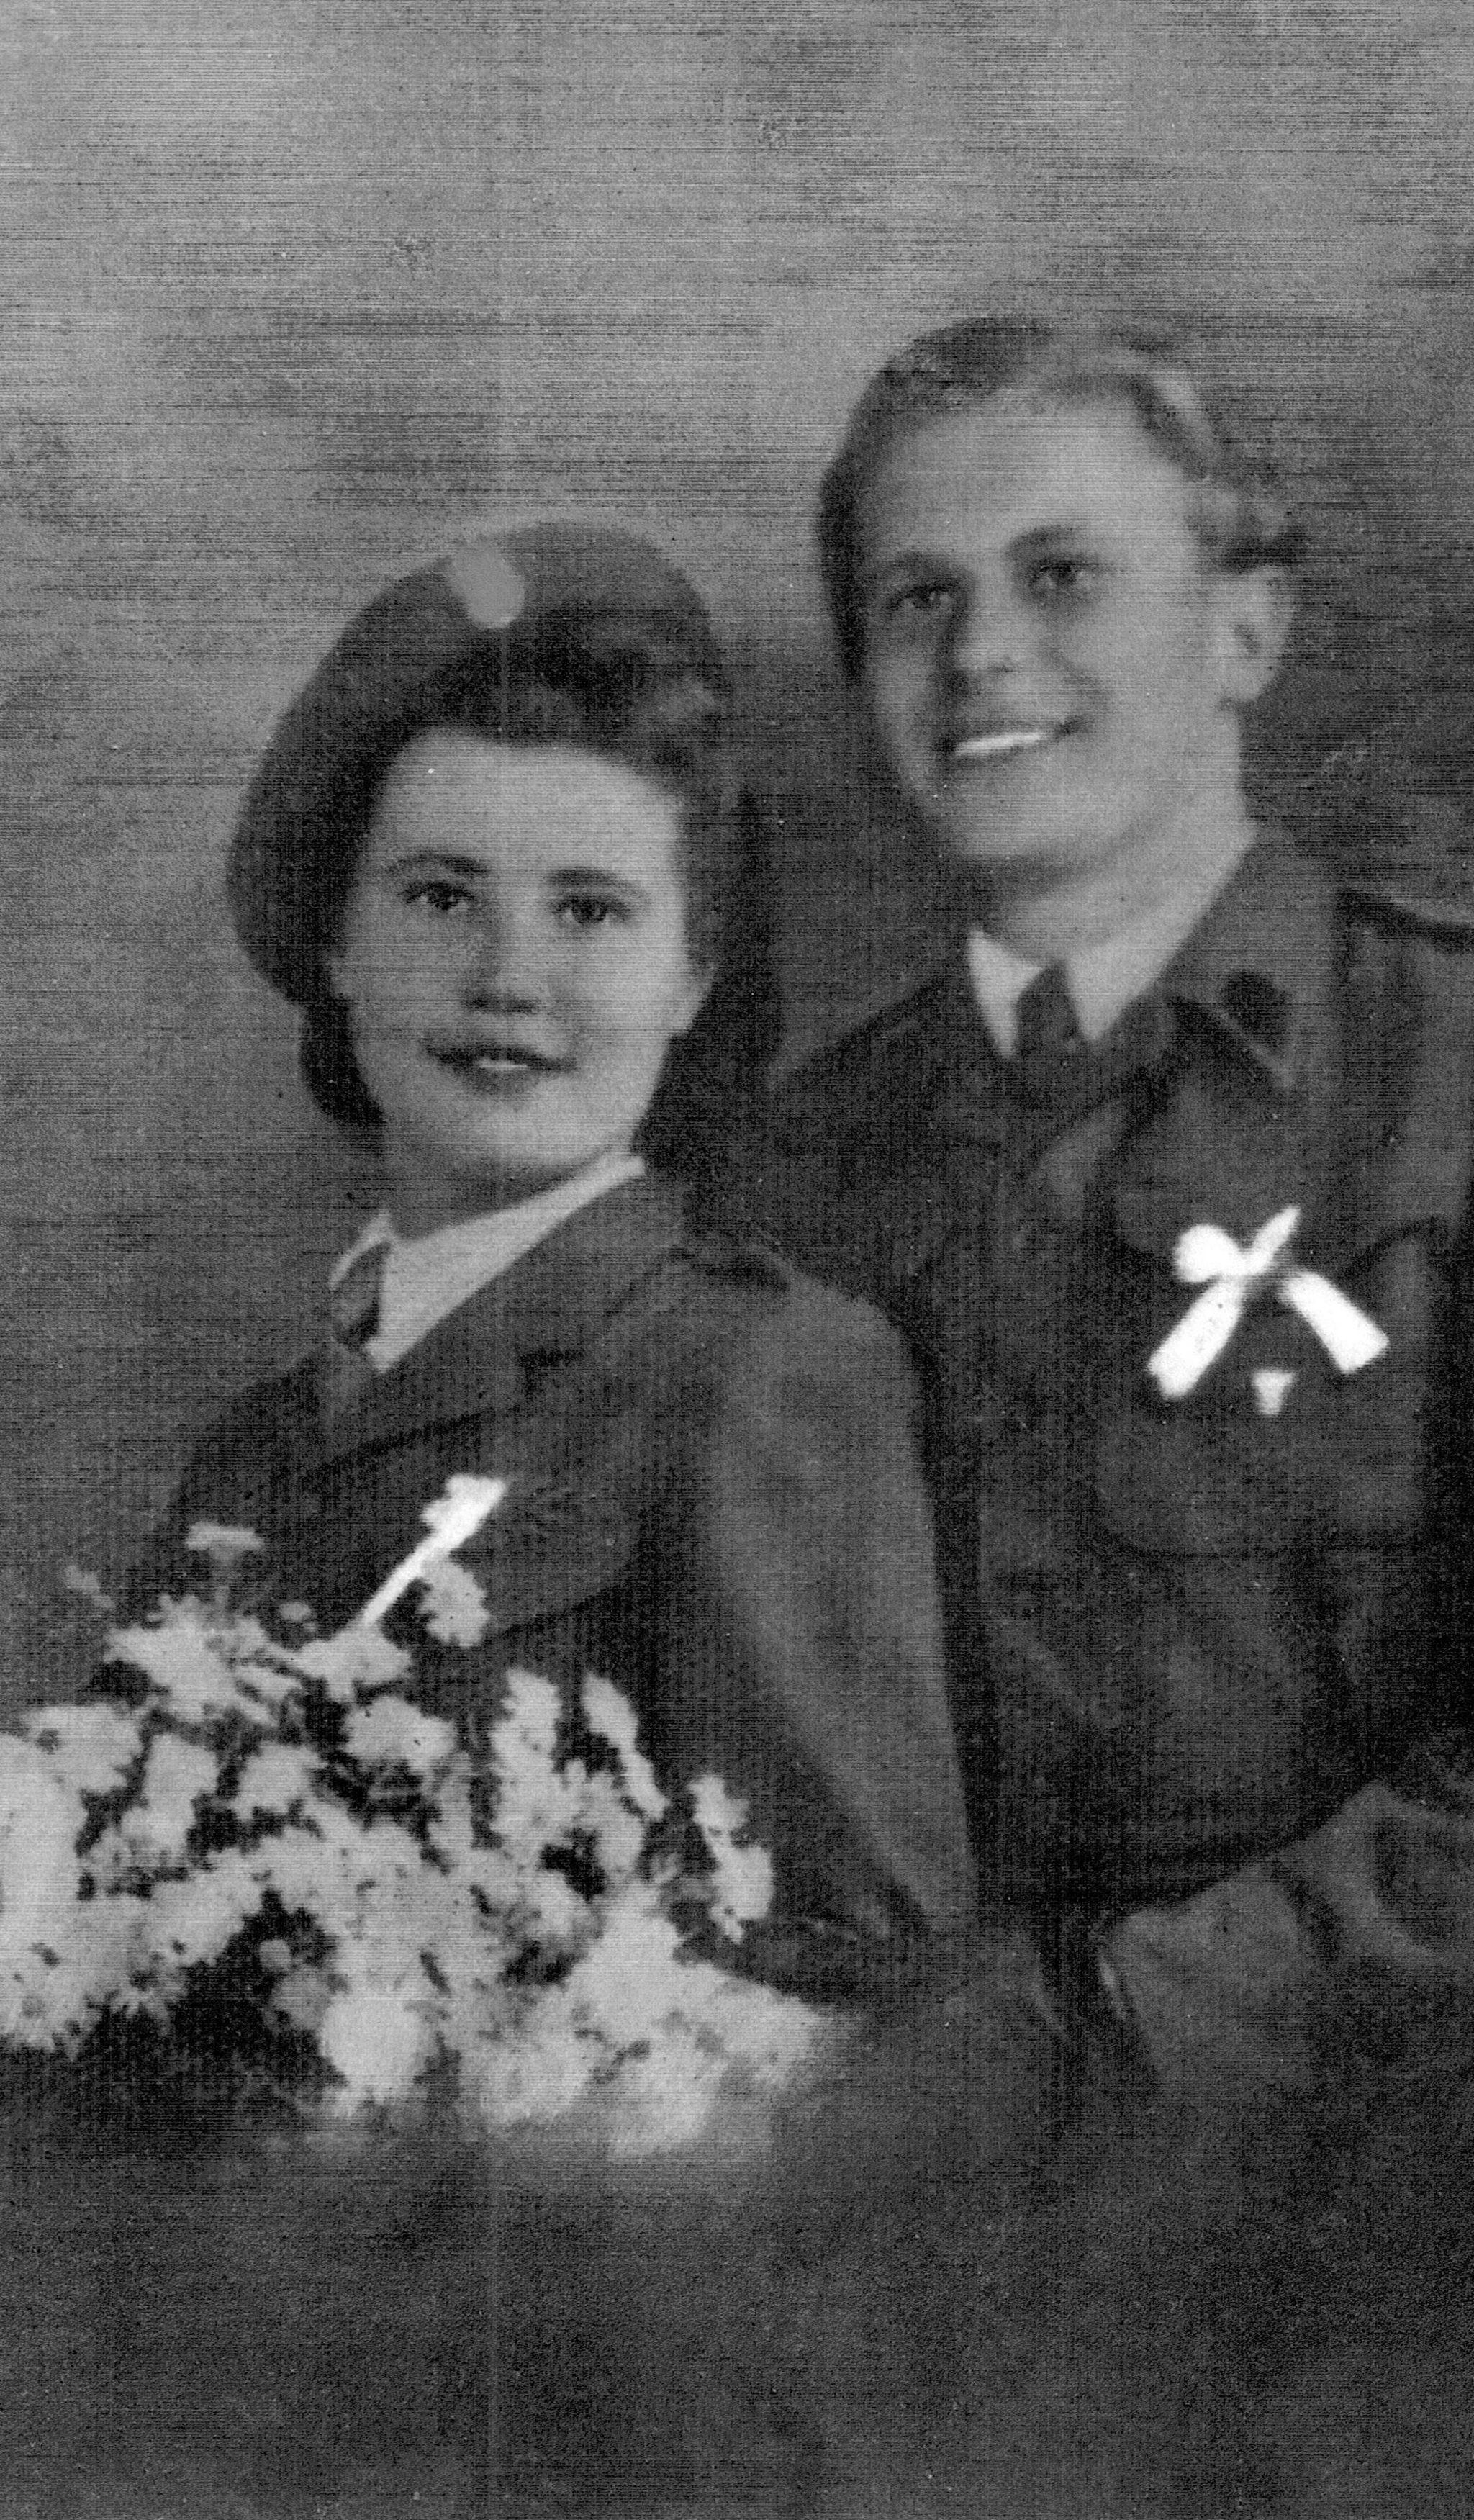 Krystyna married Stanley Slowikowski in 1945